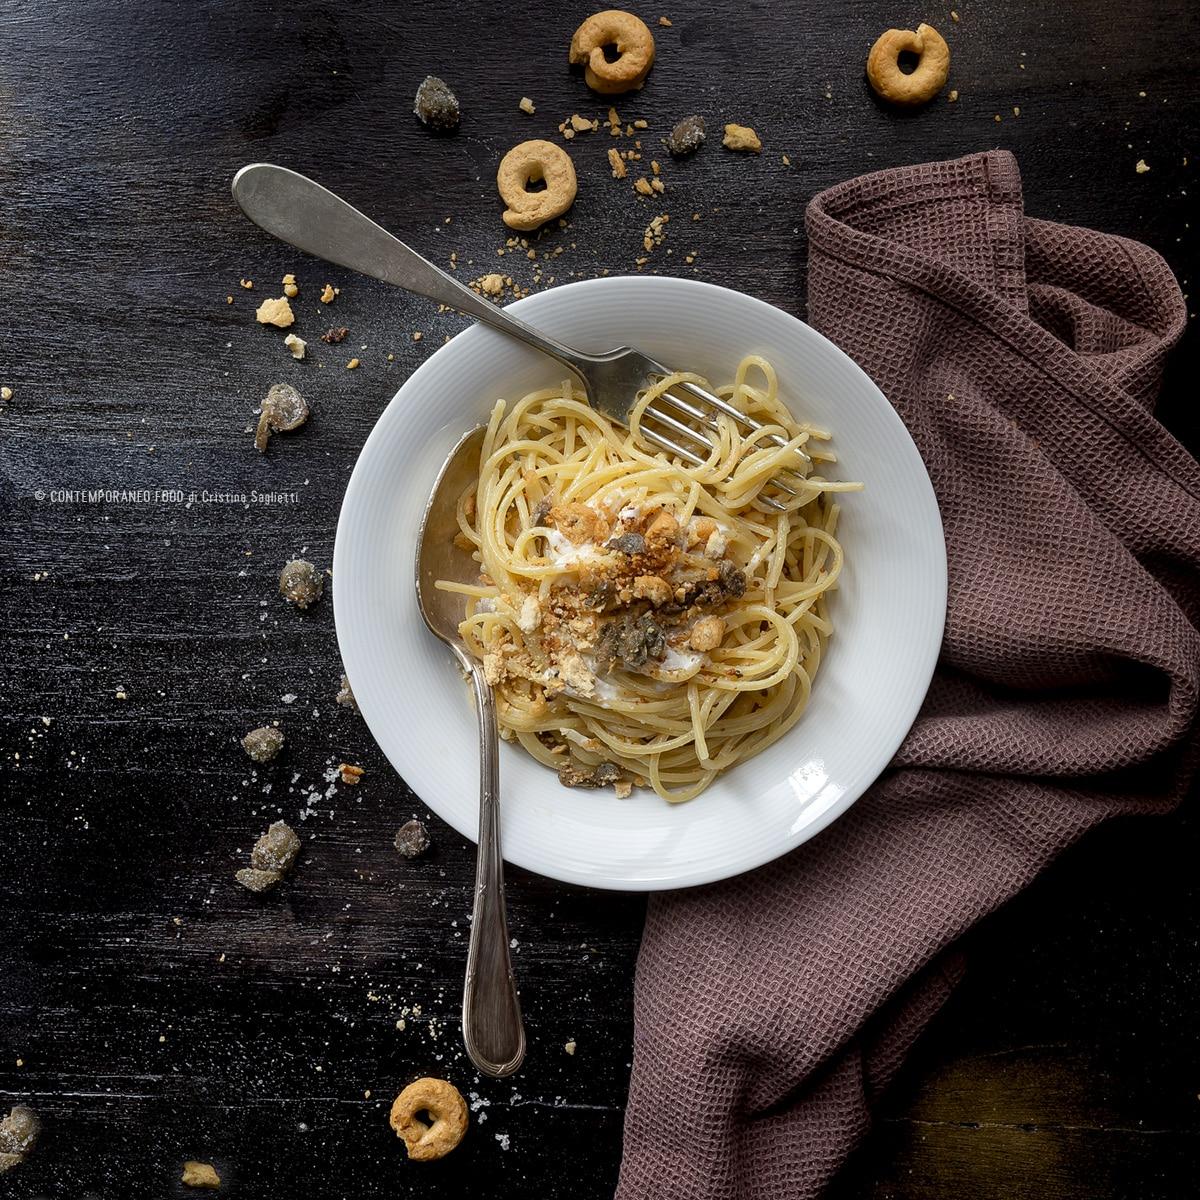 primi-spaghetti-quadrati-crema-di-stracciatella-crumble-taralli-capperi-1-ricetta-primo-contemporaneo-food